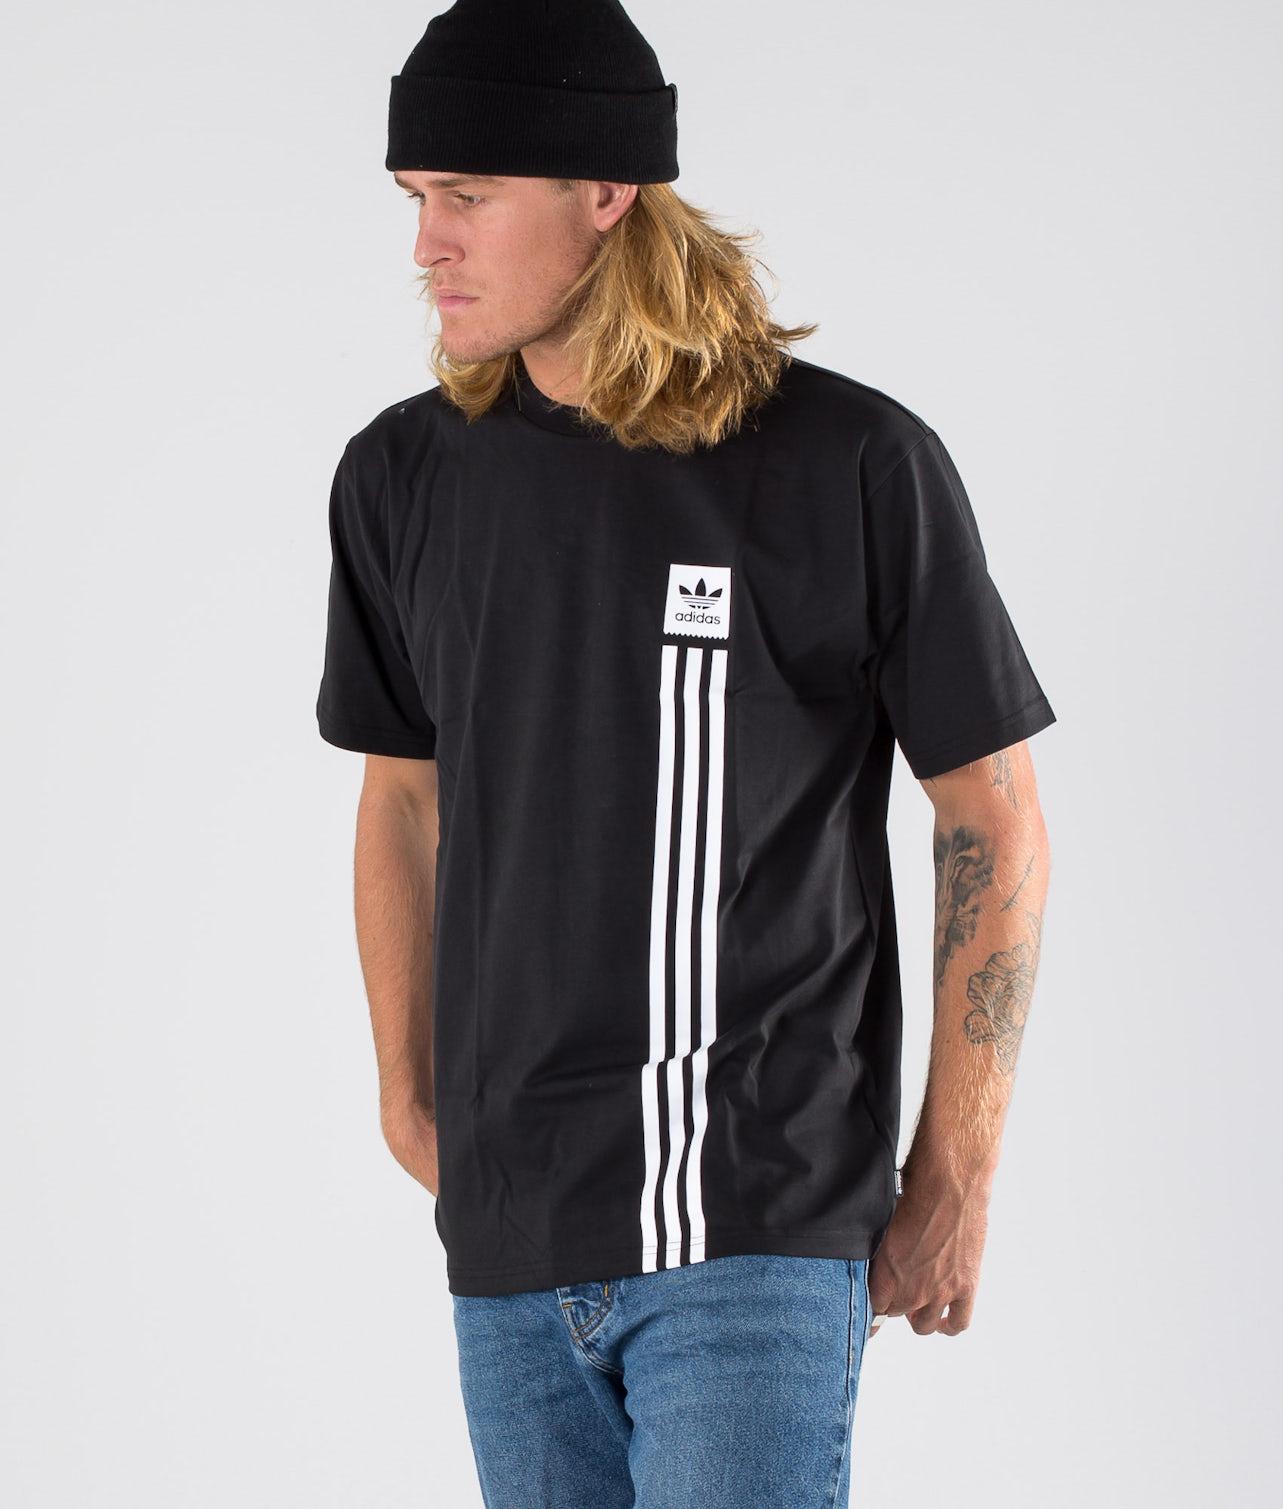 Kjøp BB Pillar Tee T-shirt fra Adidas Skateboarding på Ridestore.no - Hos oss har du alltid fri frakt, fri retur og 30 dagers åpent kjøp!